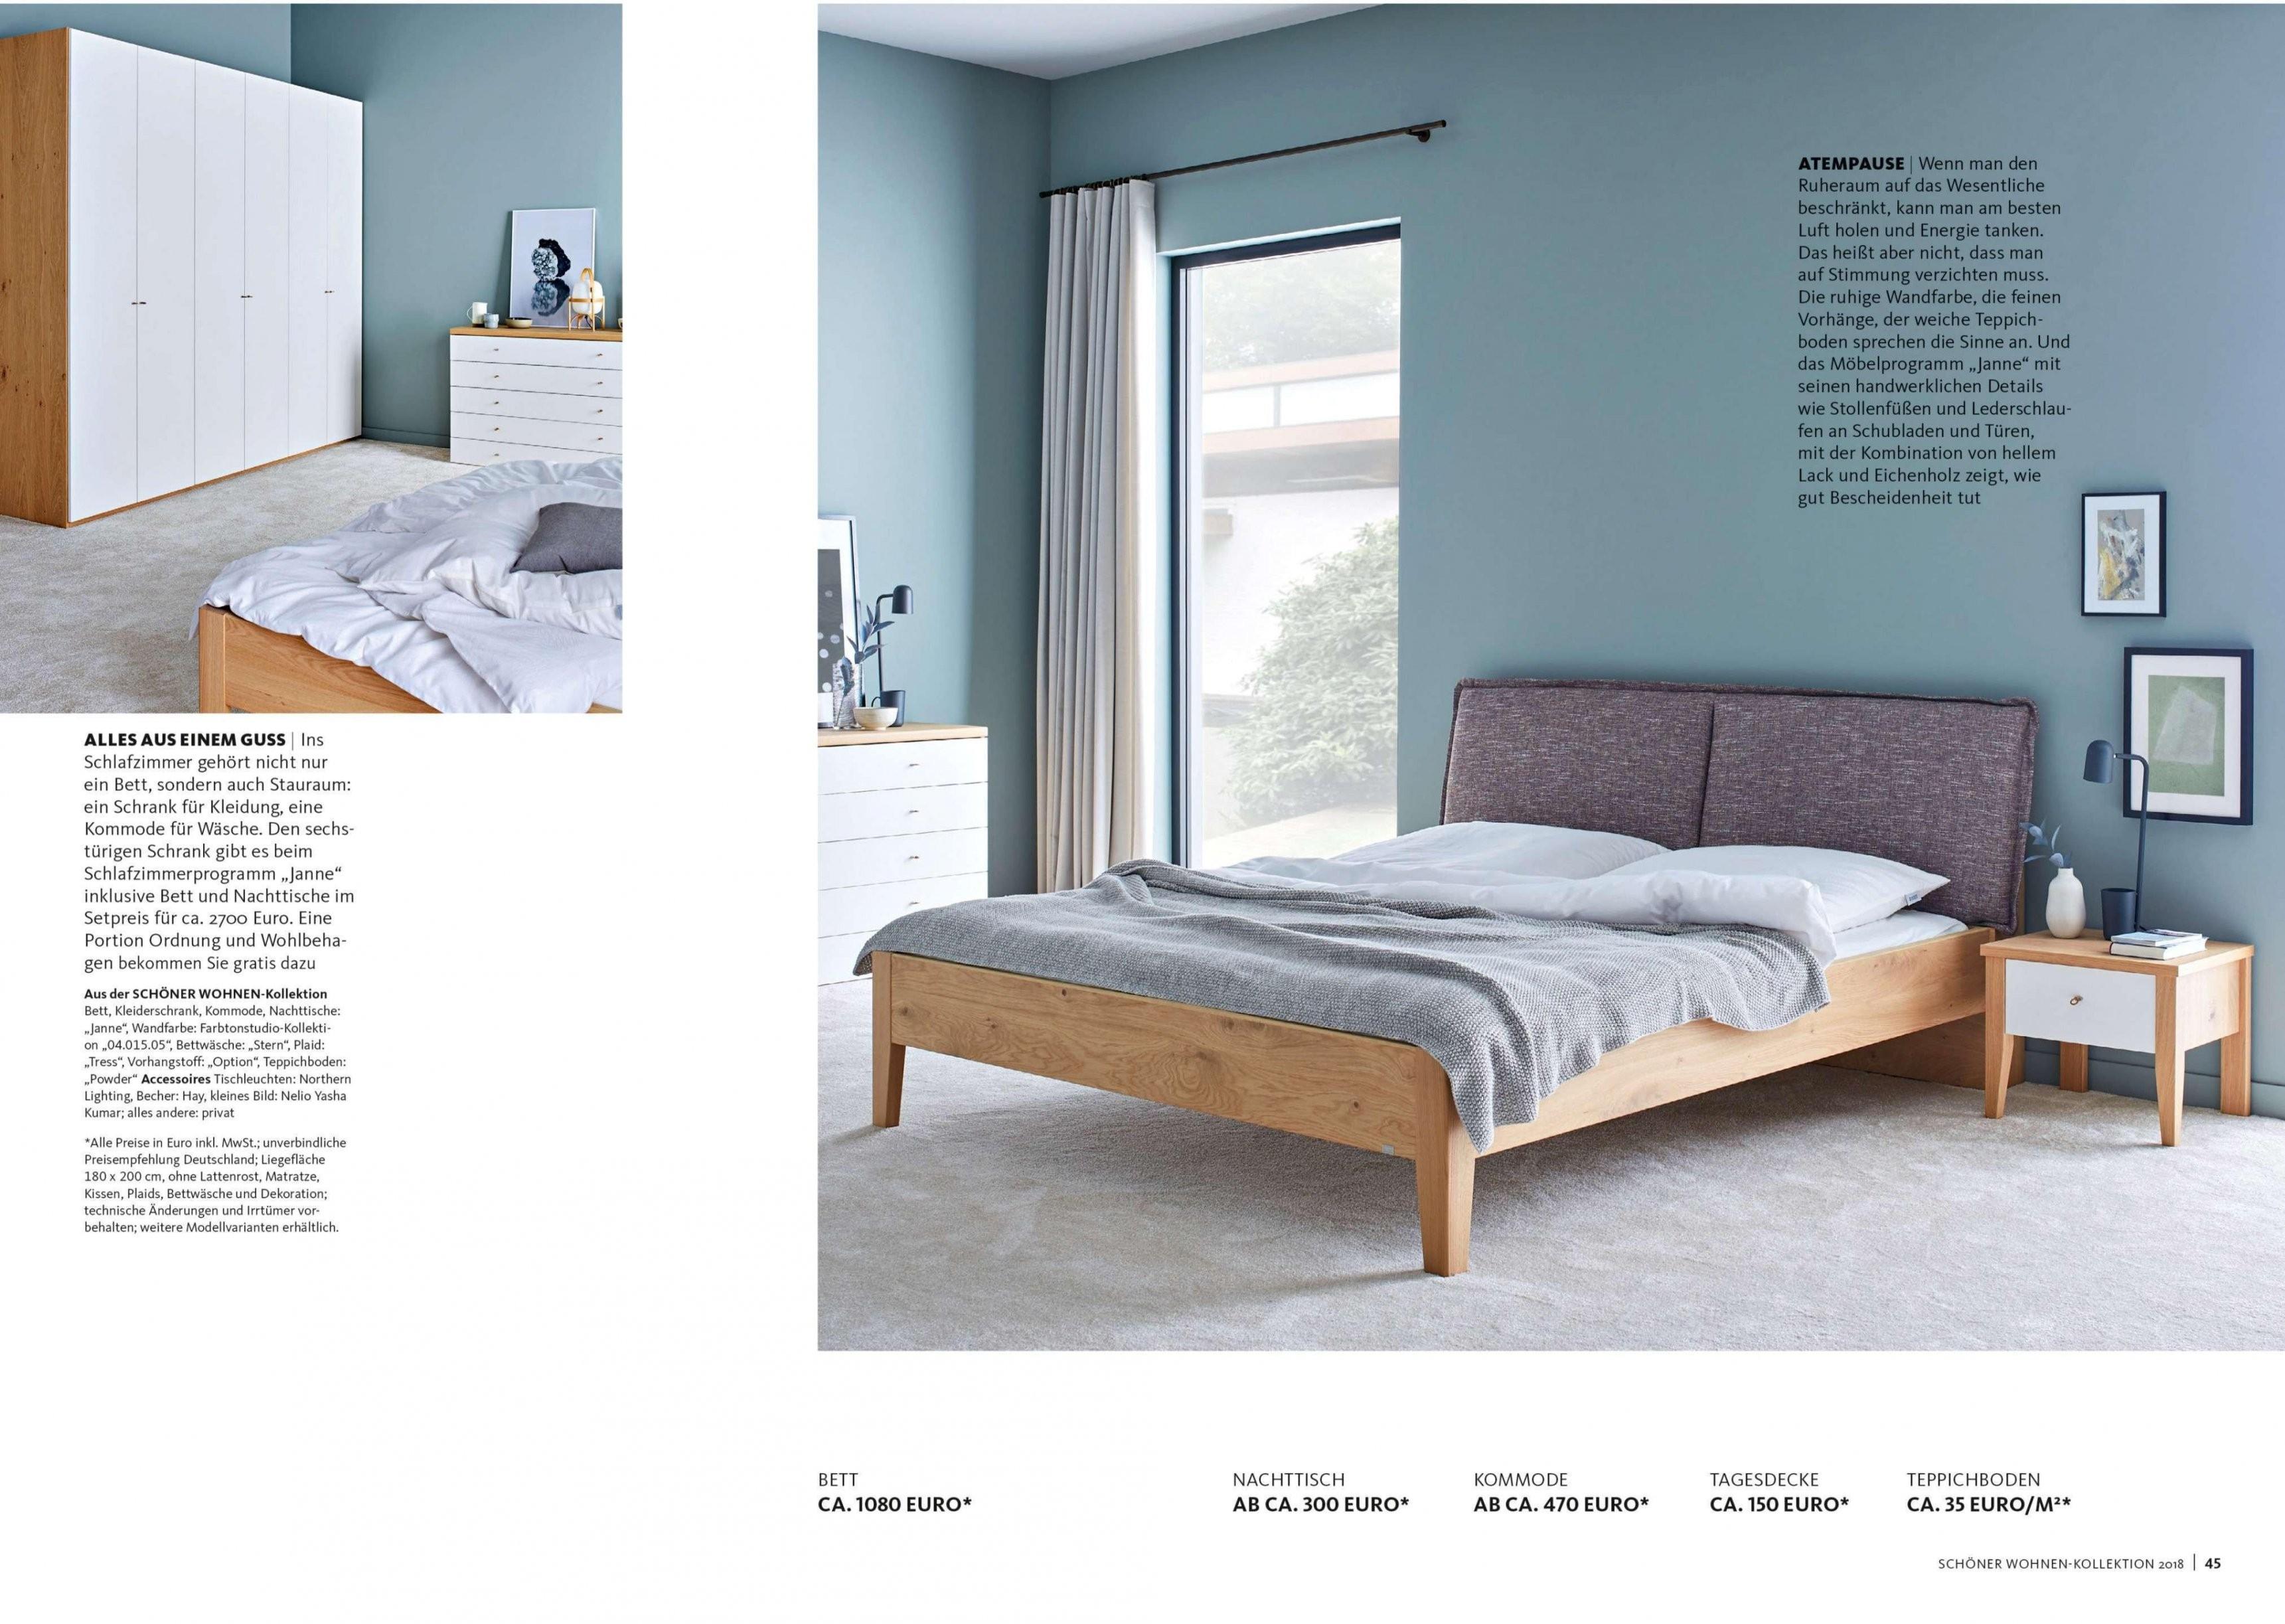 50 Neu Bett Mit Kissen – Huambodigital von Matratze Statt Bett Photo